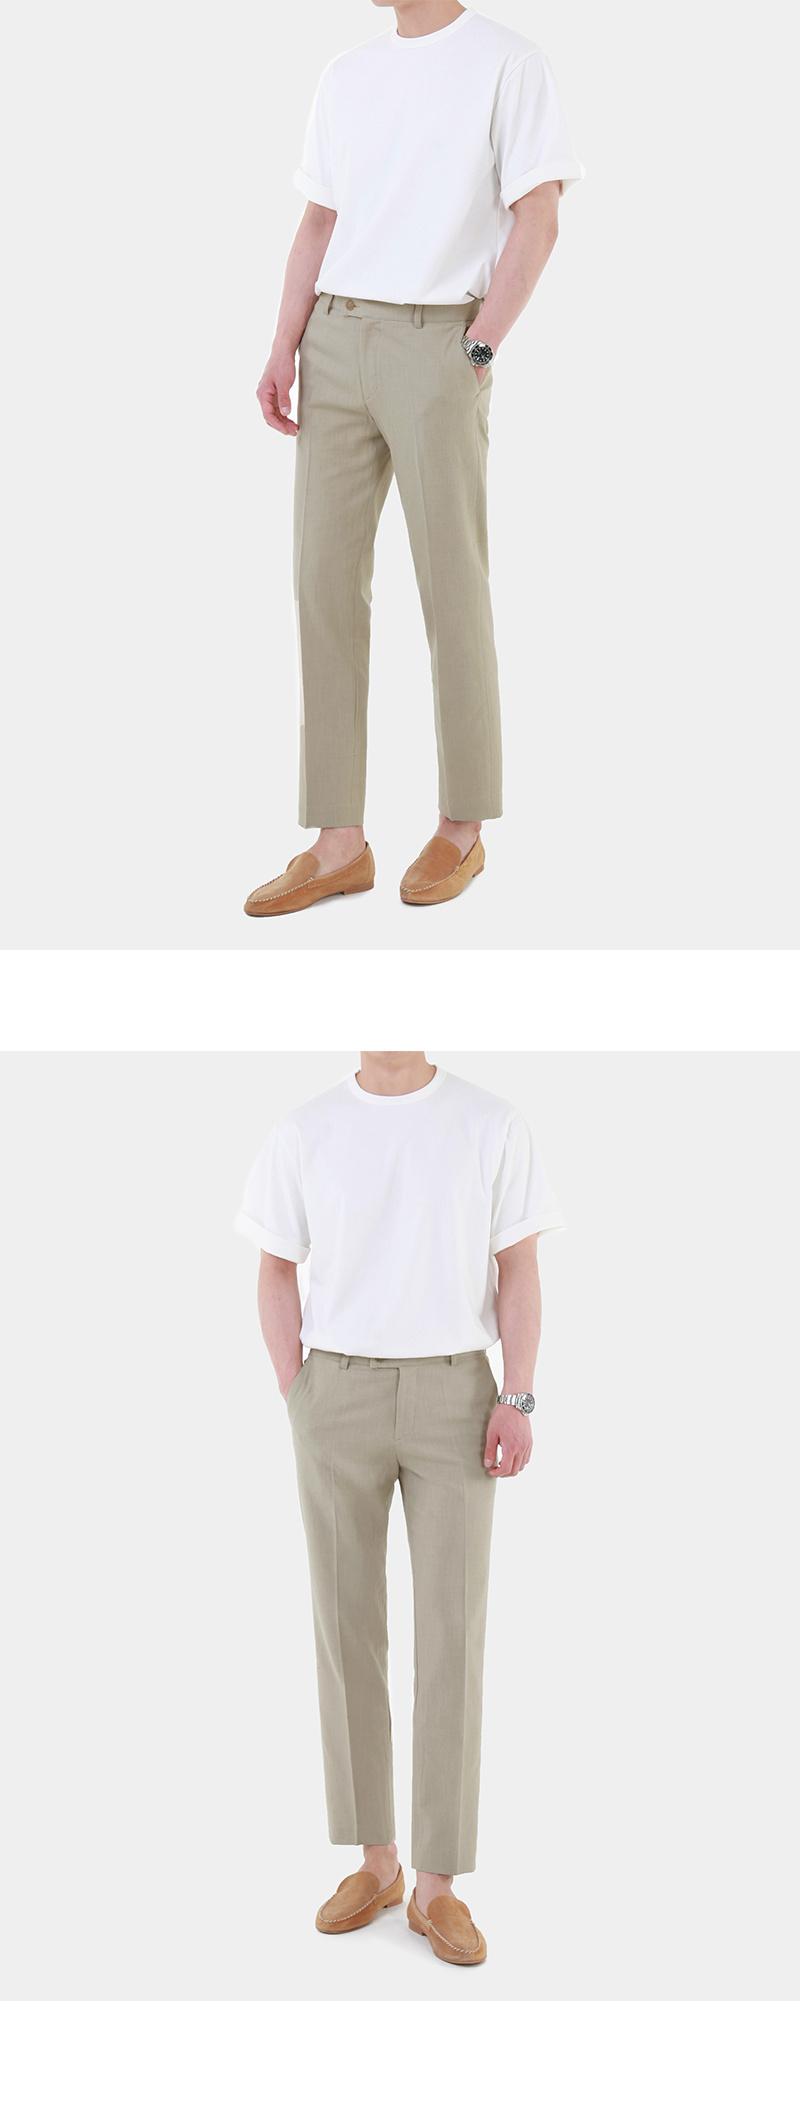 모디파이드(MODIFIED) [여름용 린넨] M#1743 summer linen slacks (beige)